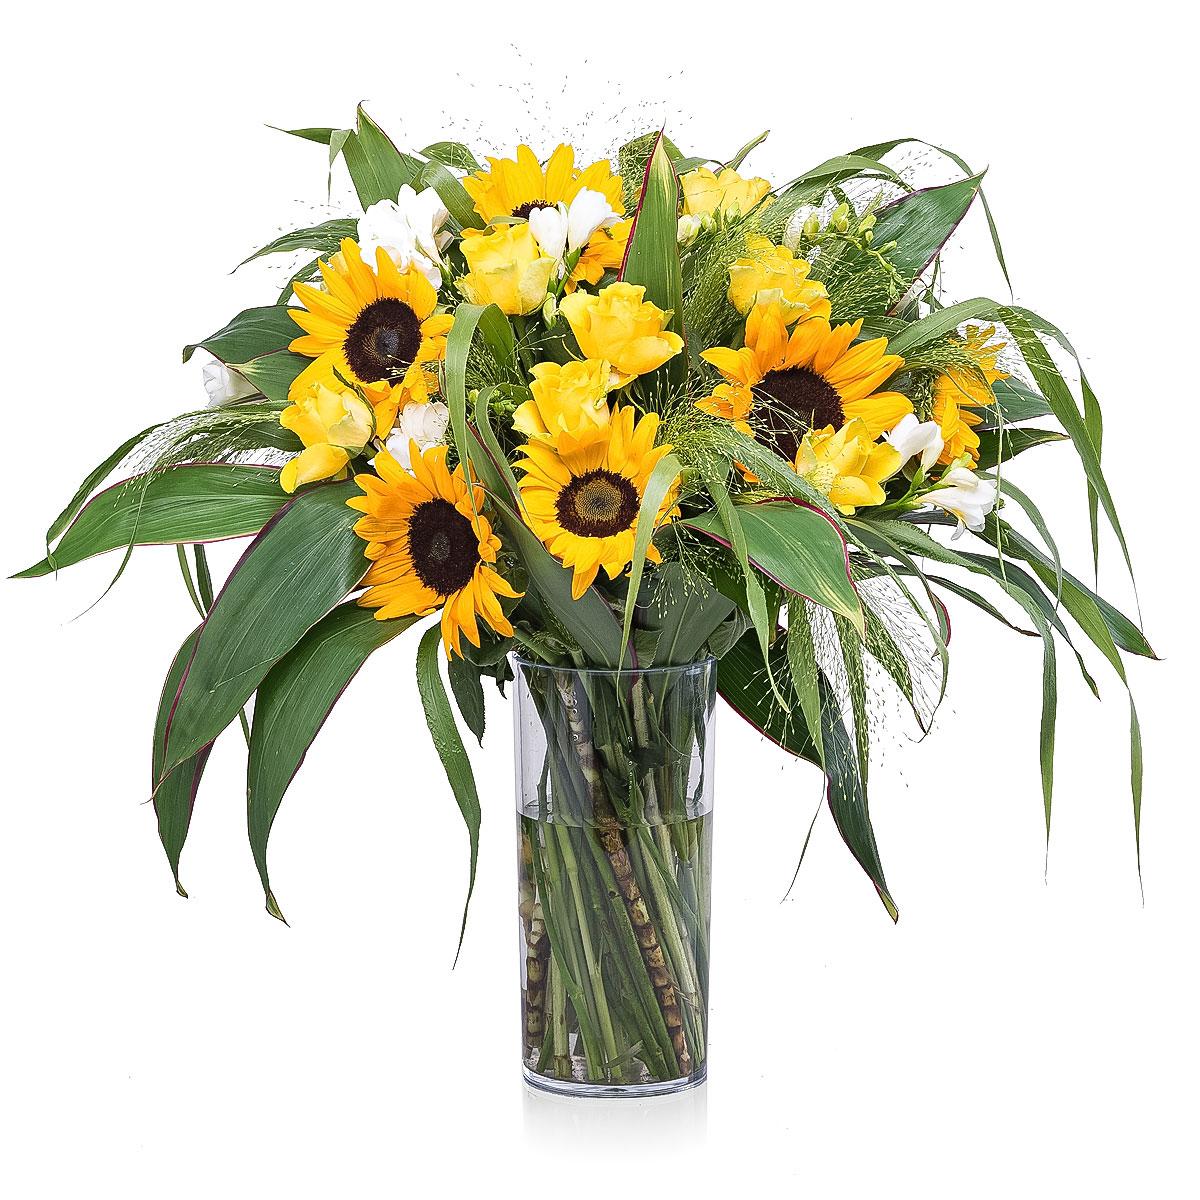 Bouquet de tournesol large 35 cm cadofrance - Bouquet de tournesol ...